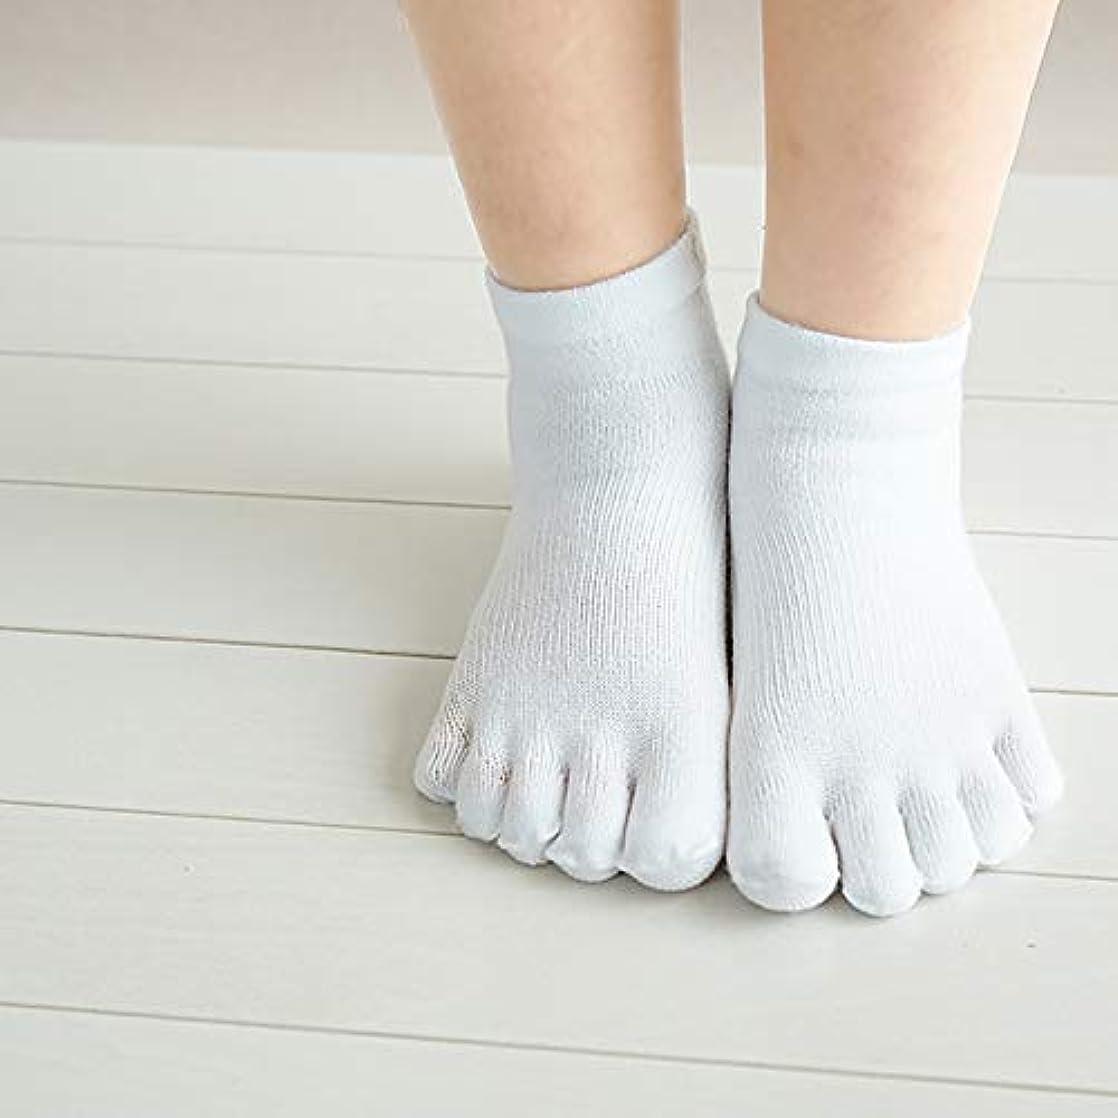 フラスコ恐ろしい討論ゆびのばソックス Neo アズキッズ ホワイト 幼児用靴下 5本指ソックス